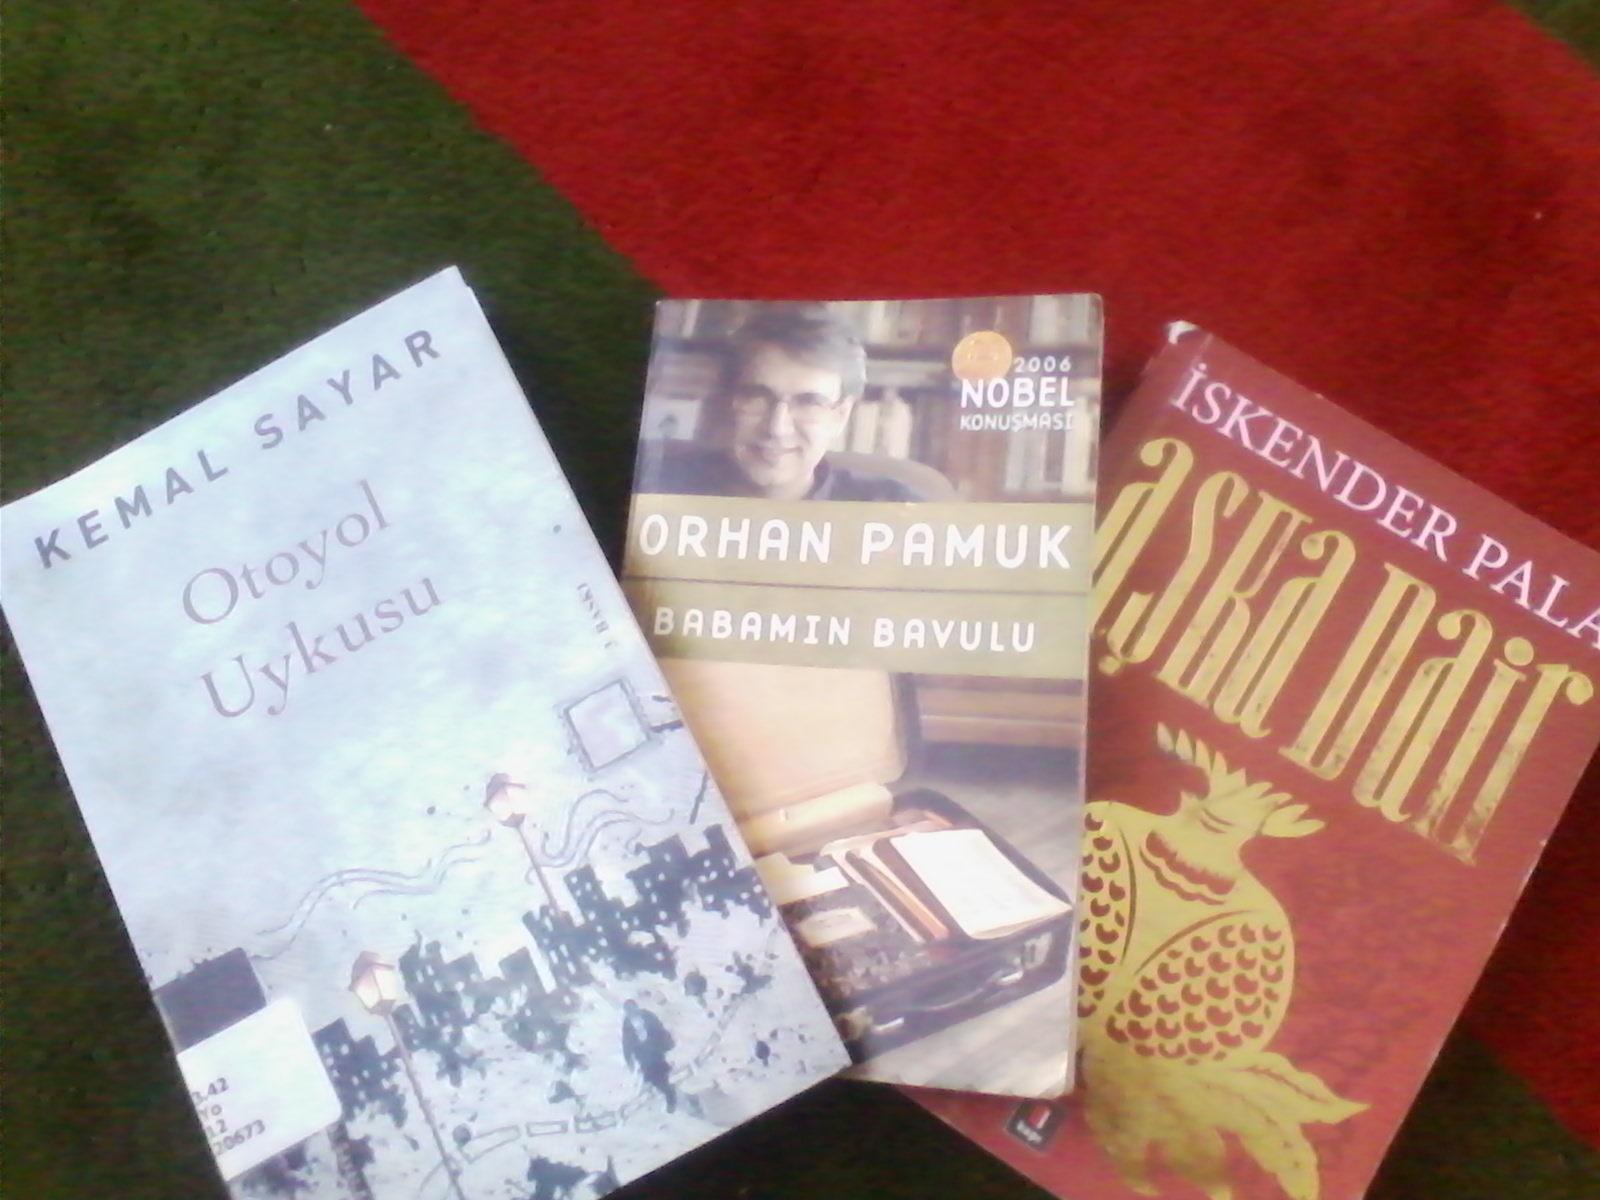 yazarların okumakta oldukları kitap